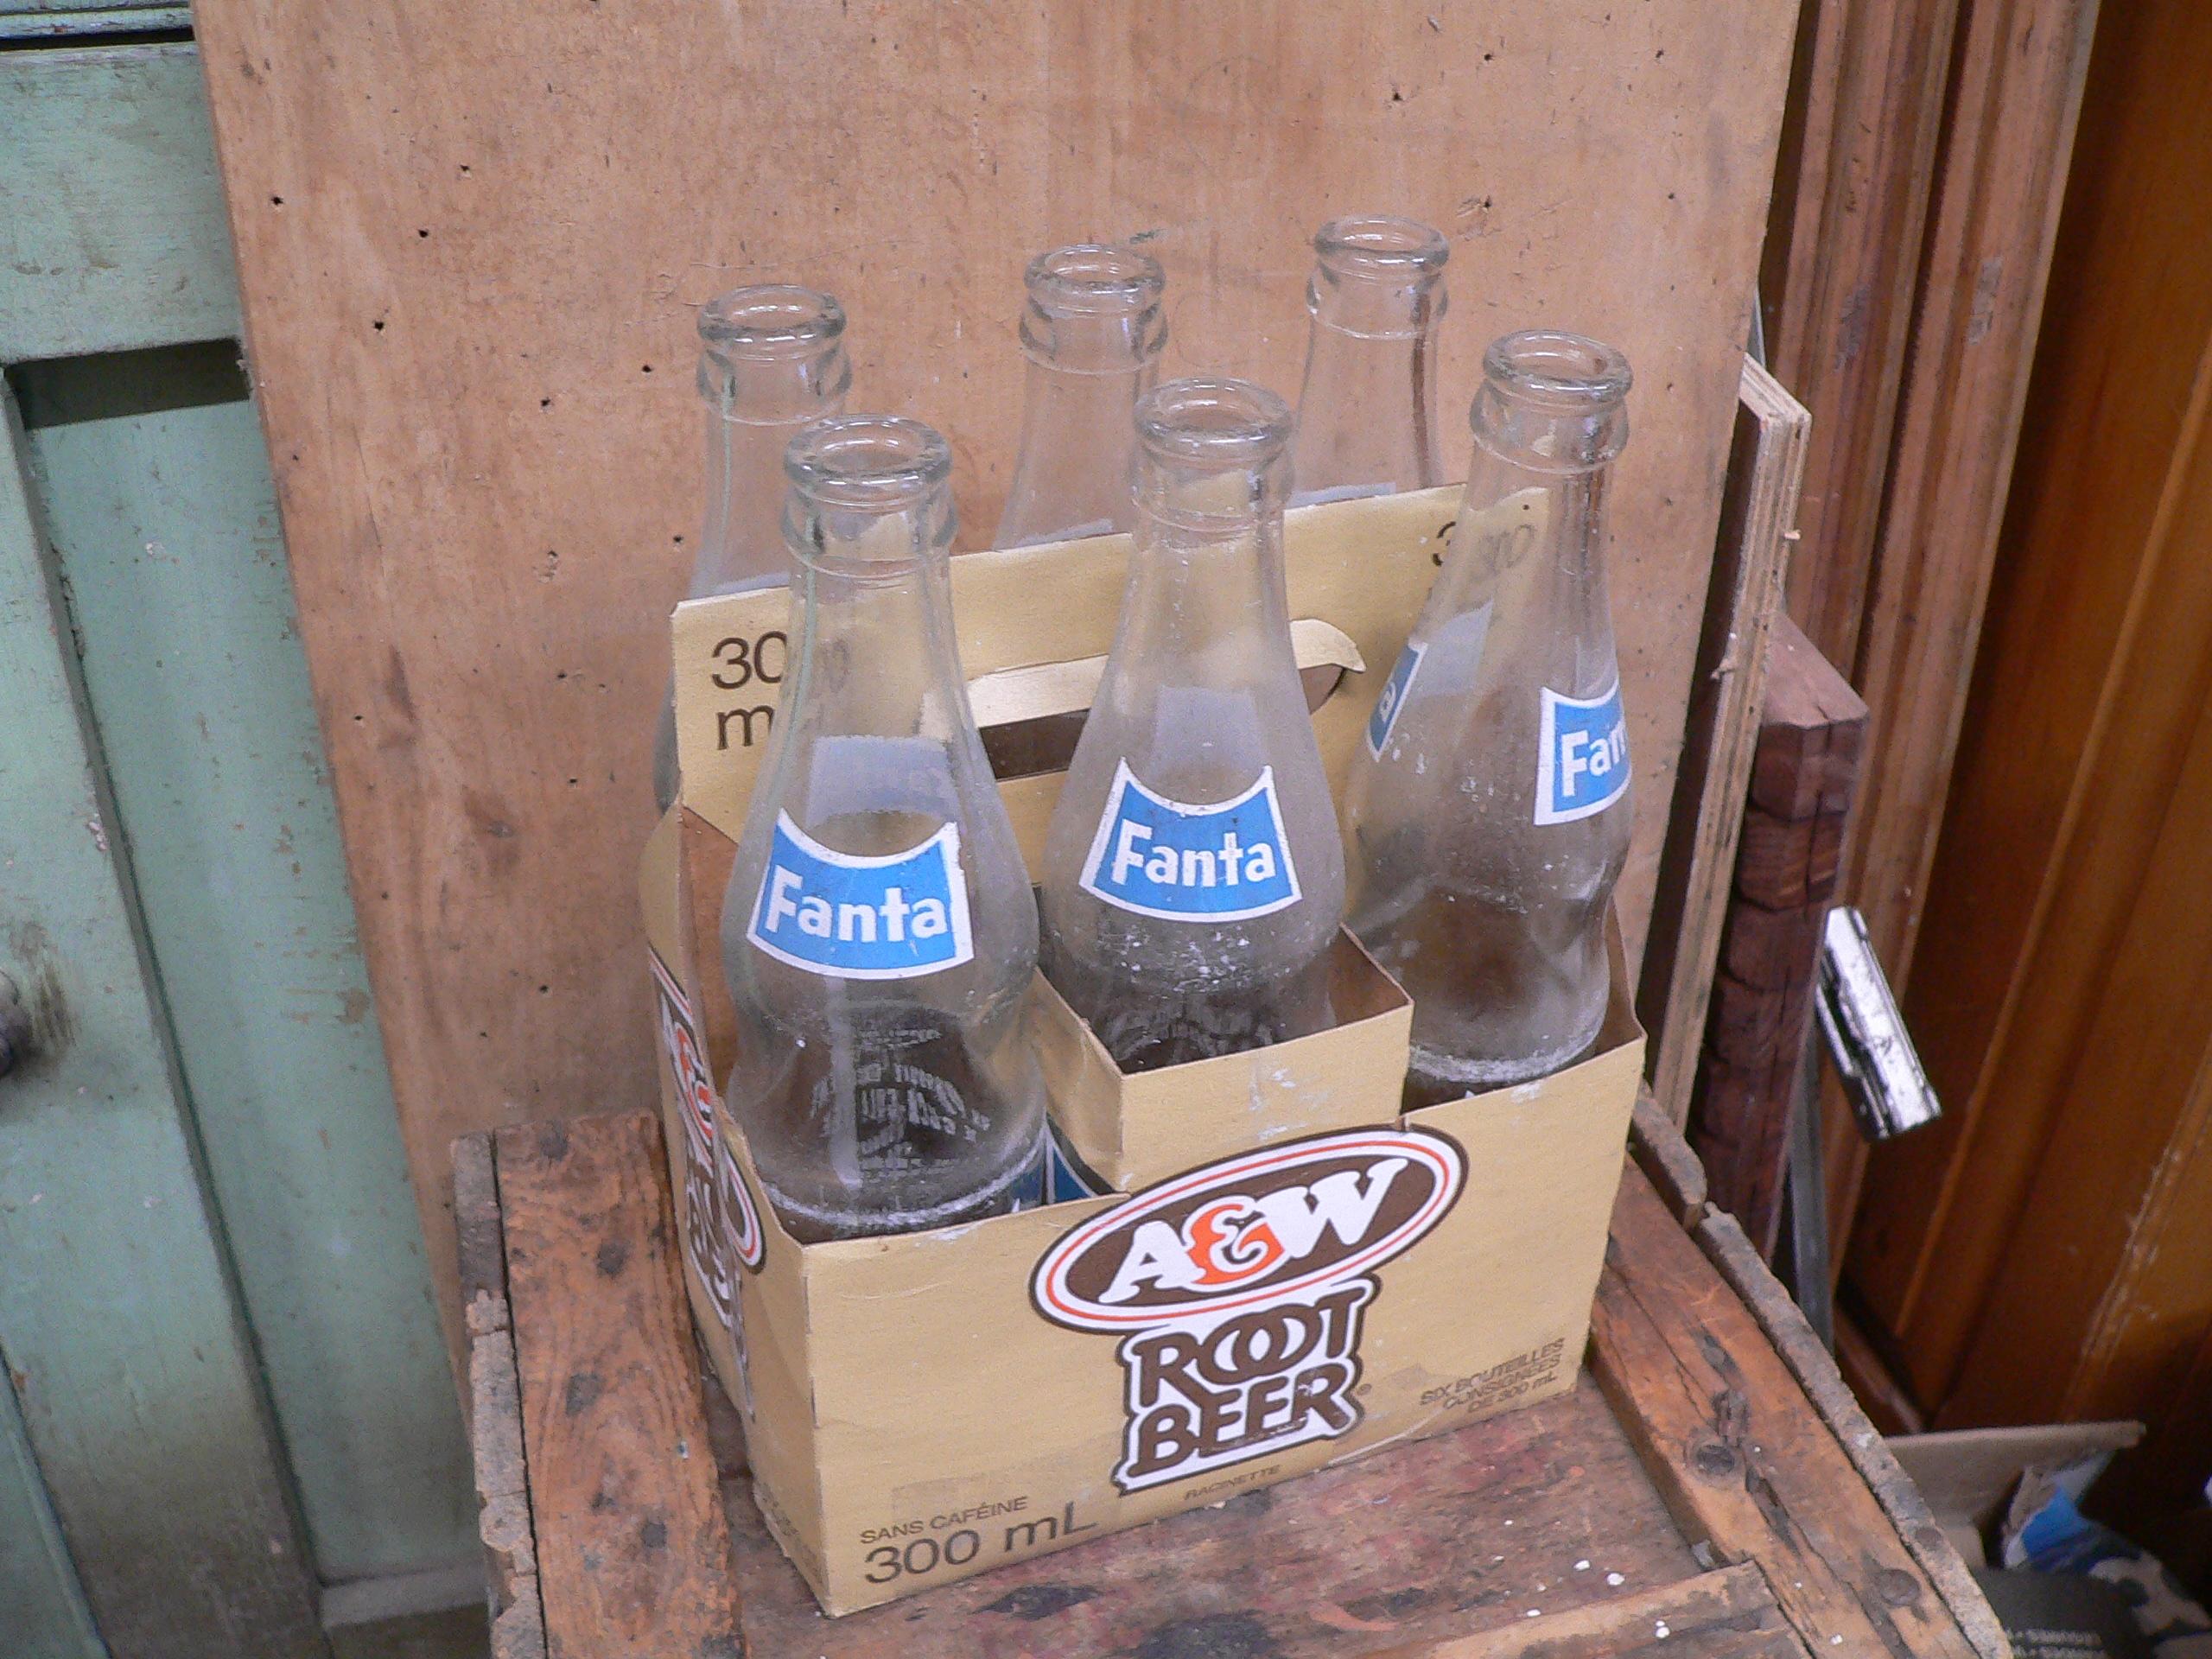 6 pack a&w avec 6 bouteille fanta # 5802.1